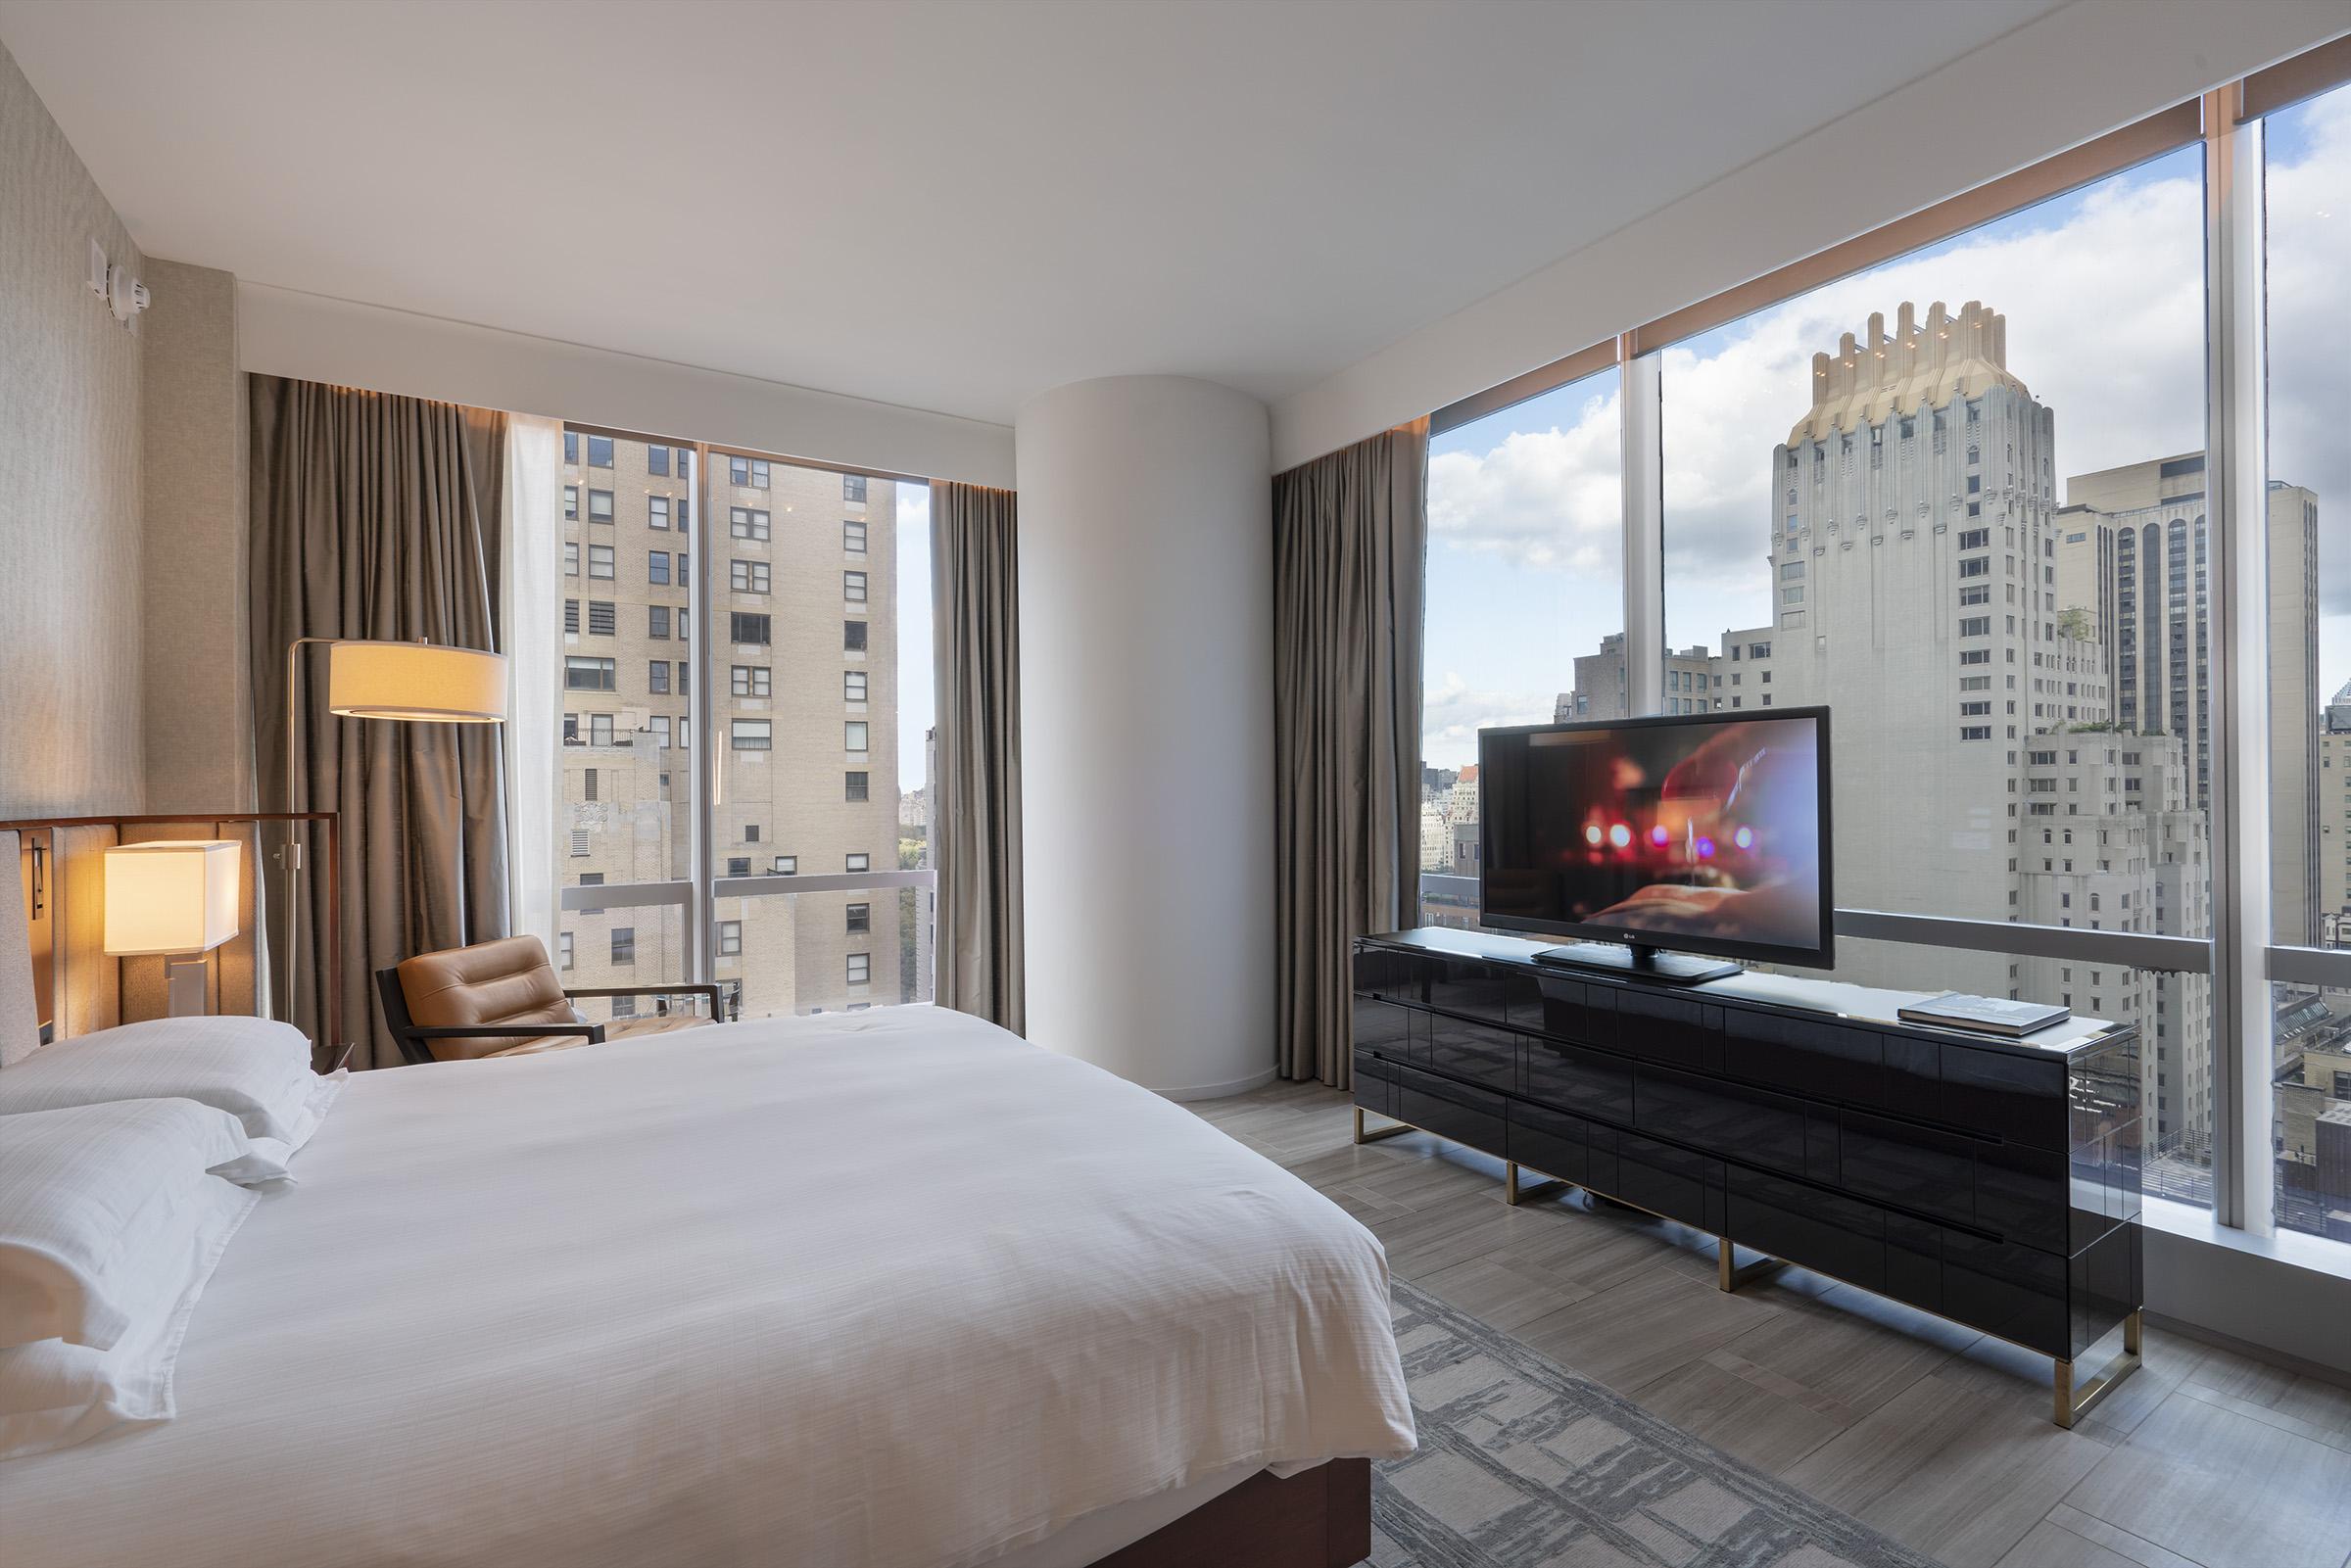 1 bedroom City View Suite, Park Hyatt New York